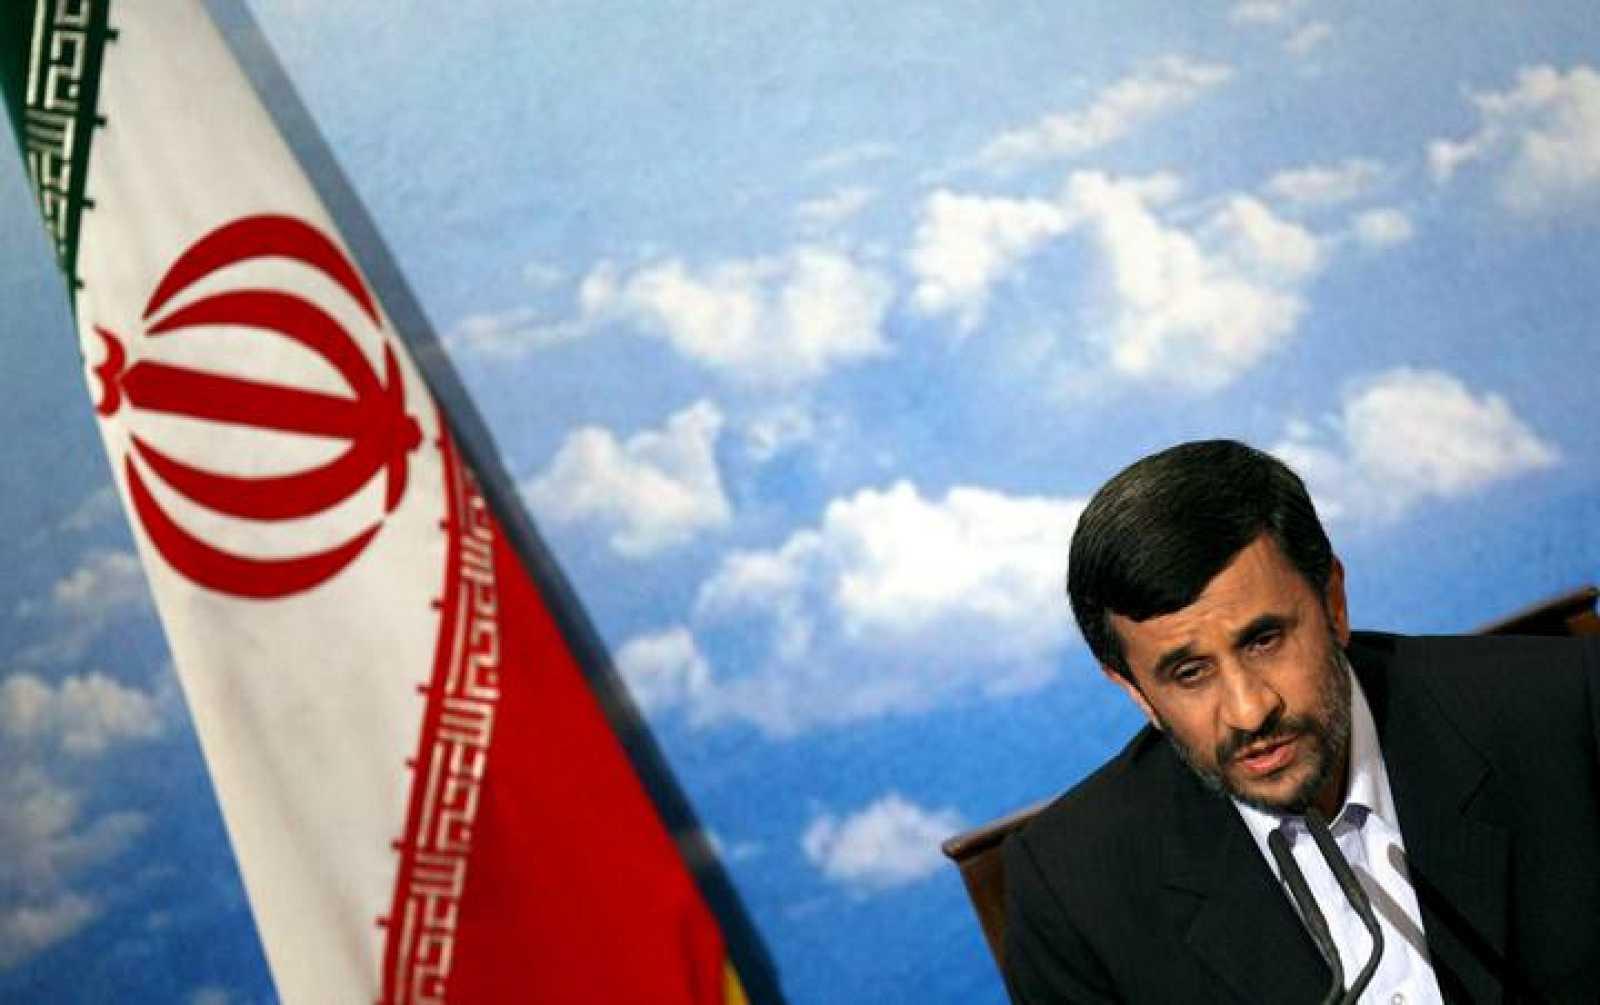 El presidente iraní, Mahmud Ahmadineyad, saluda a los medios a su llegada a una rueda de prensa en Teherán